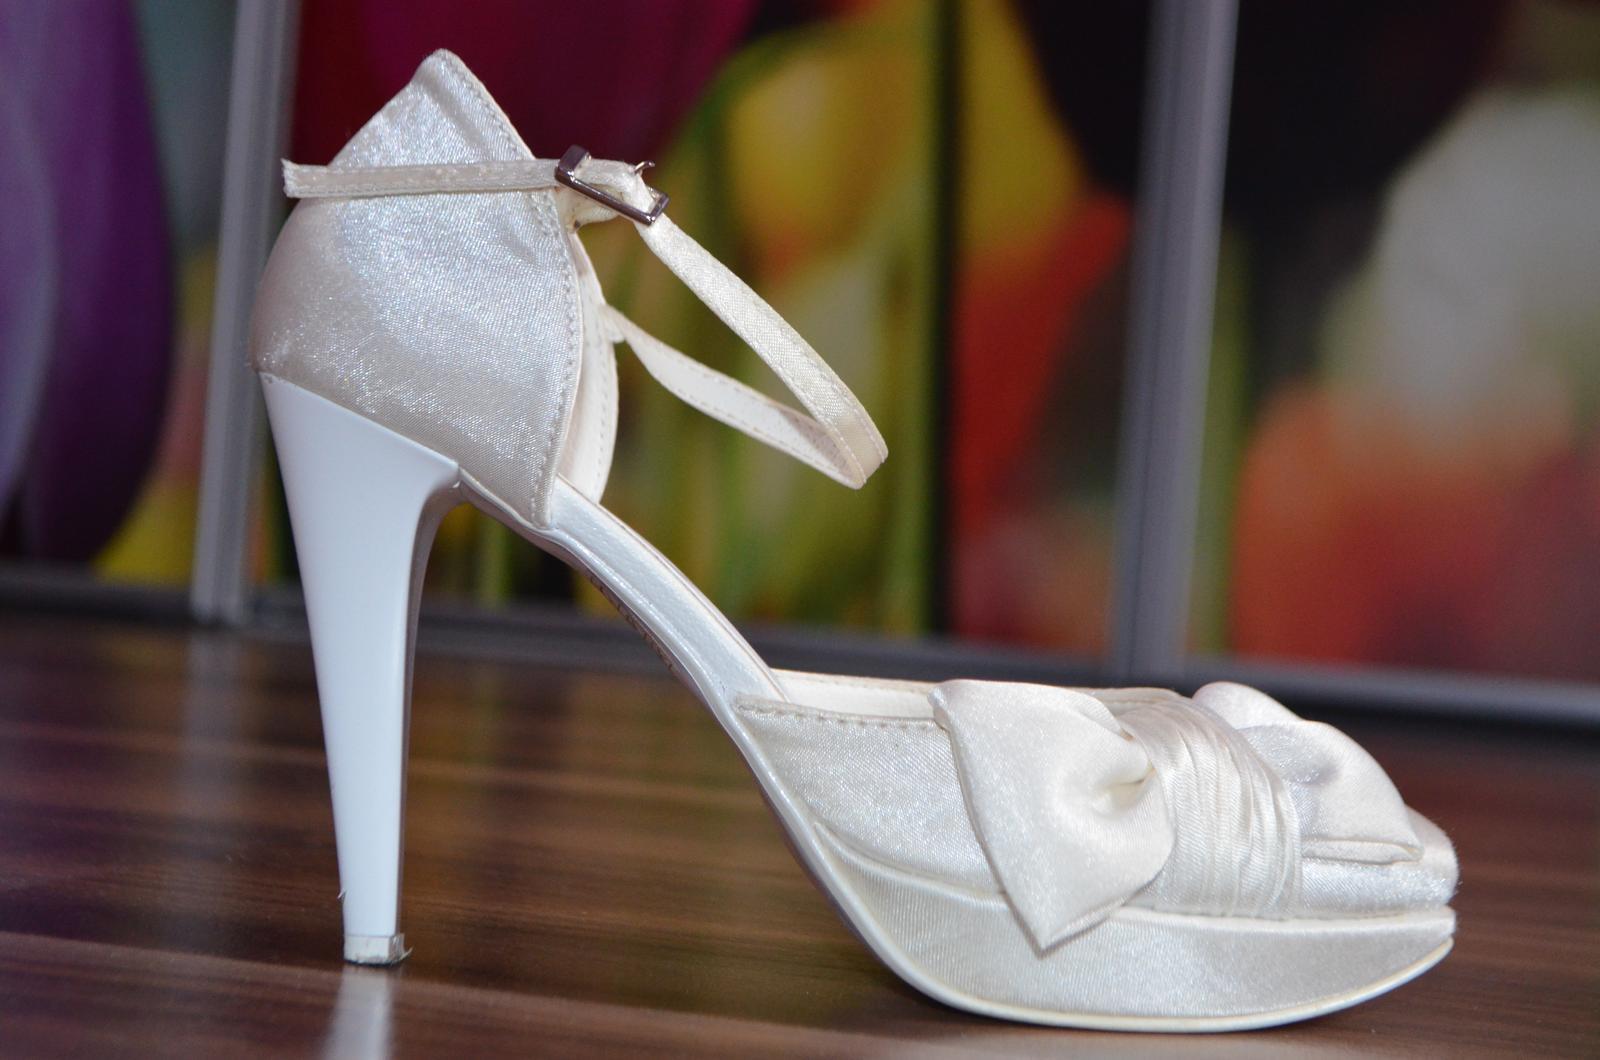 b0dc34387314 Nádherné svadobné topánky slonovinovej farby